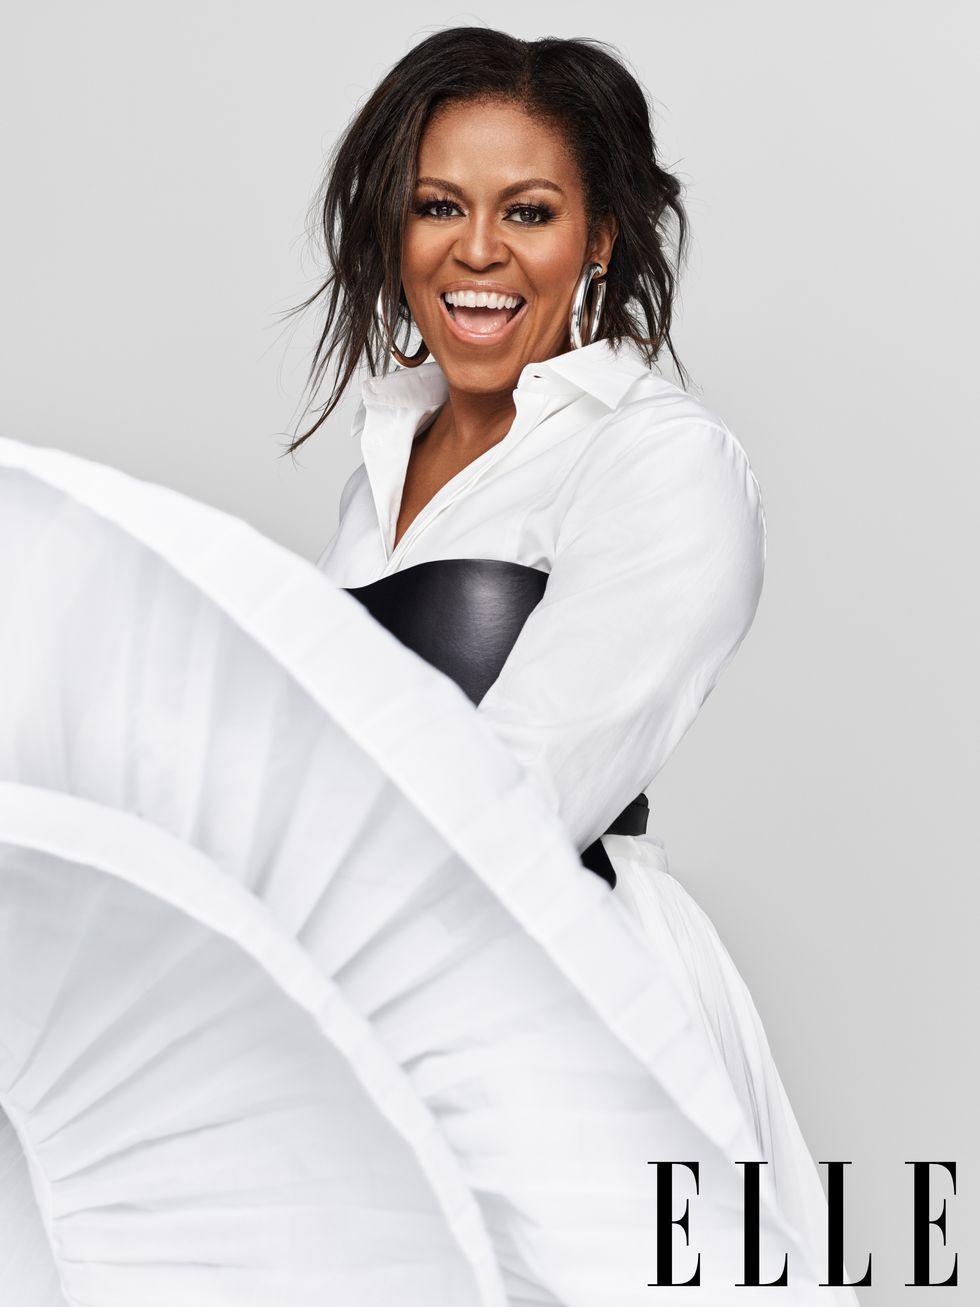 When Michelle Obama MetOprah!